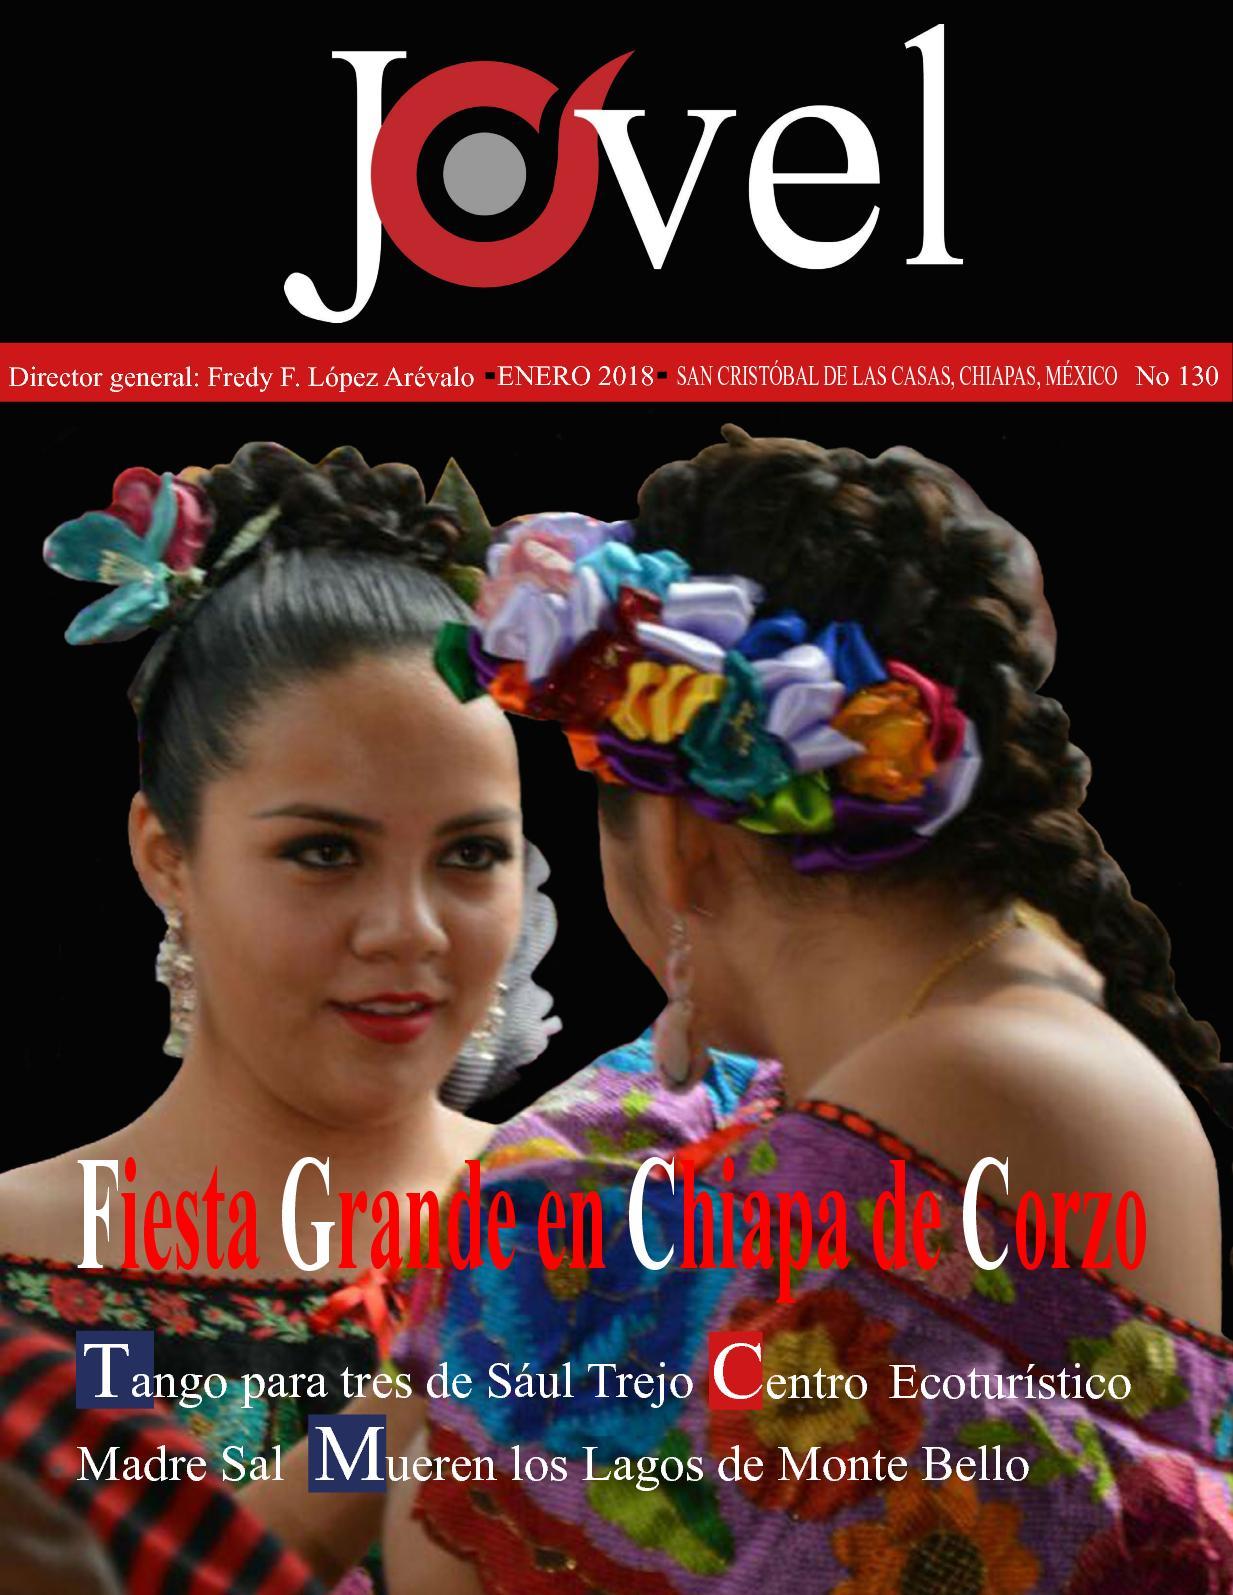 Calameo Revista Jovel Enero 2018